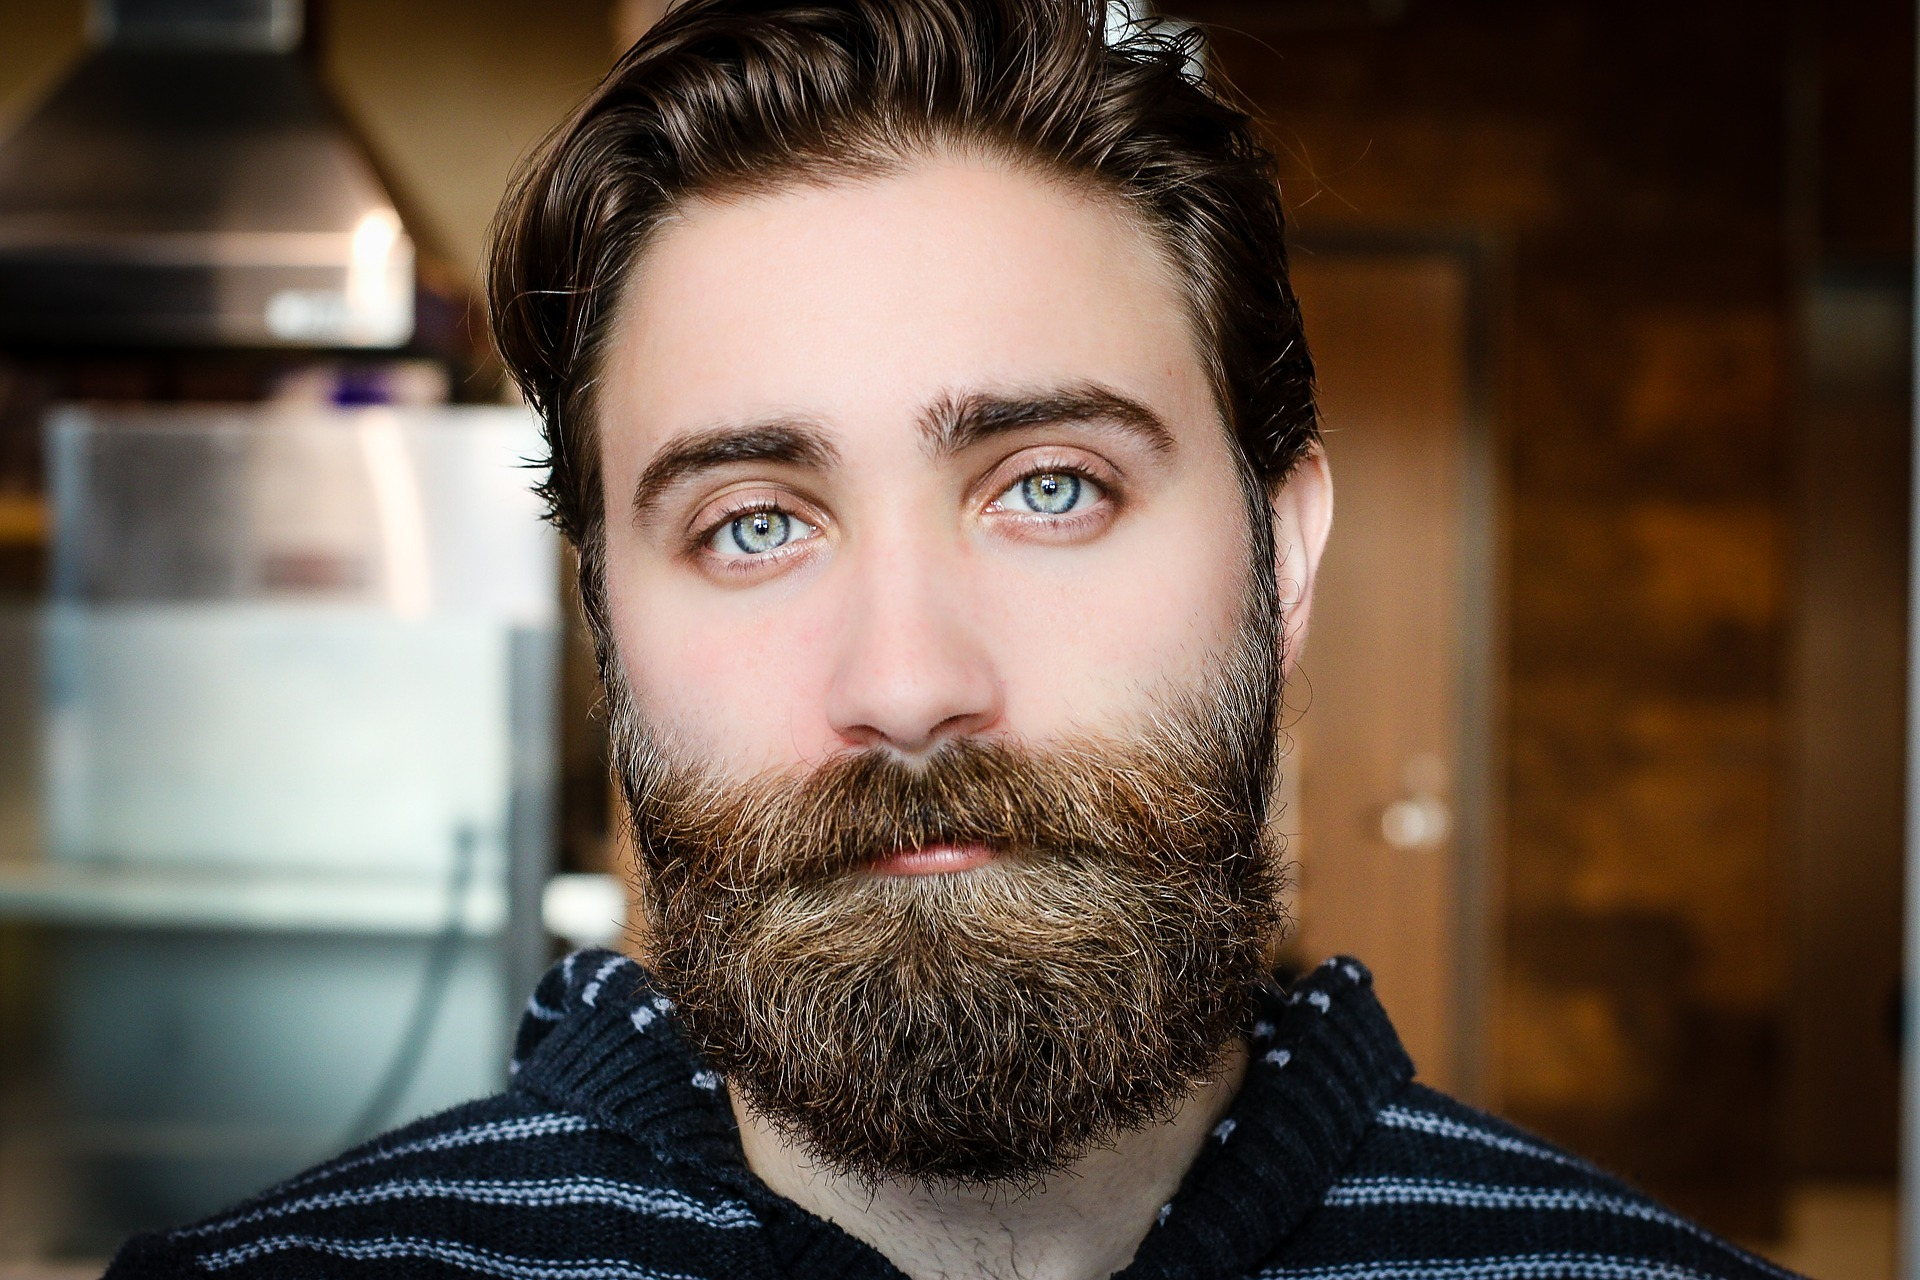 Bart Utensilien - das braucht man auf konsumguerilla.de